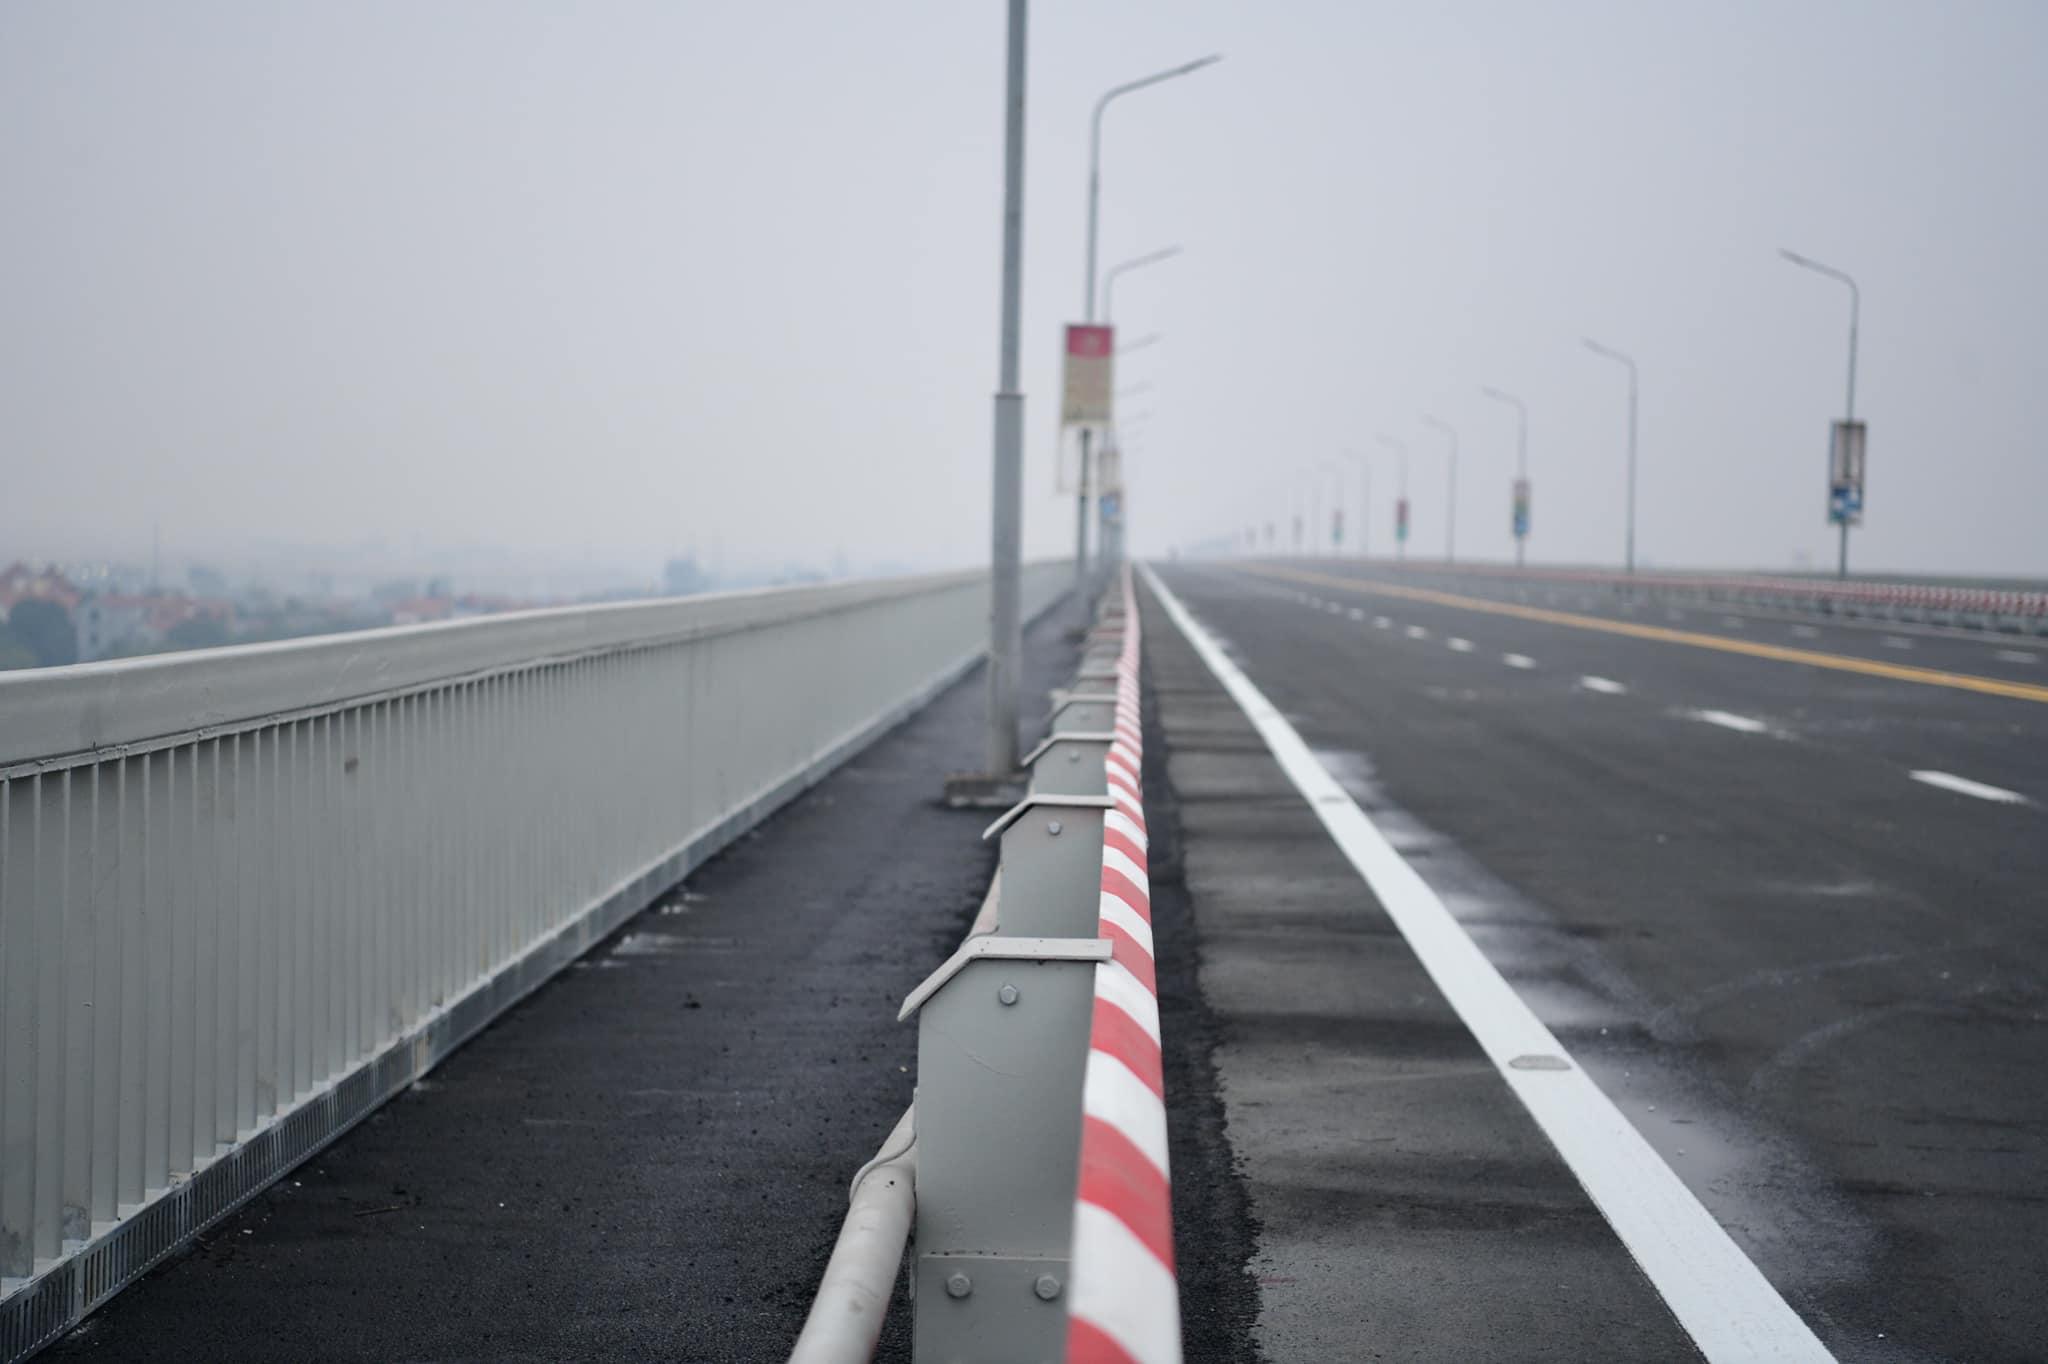 """Cây cầu 2 tầng độc nhất trên sông Hồng chính thức thông xe sau cuộc """"đại phẫu"""" - 14"""